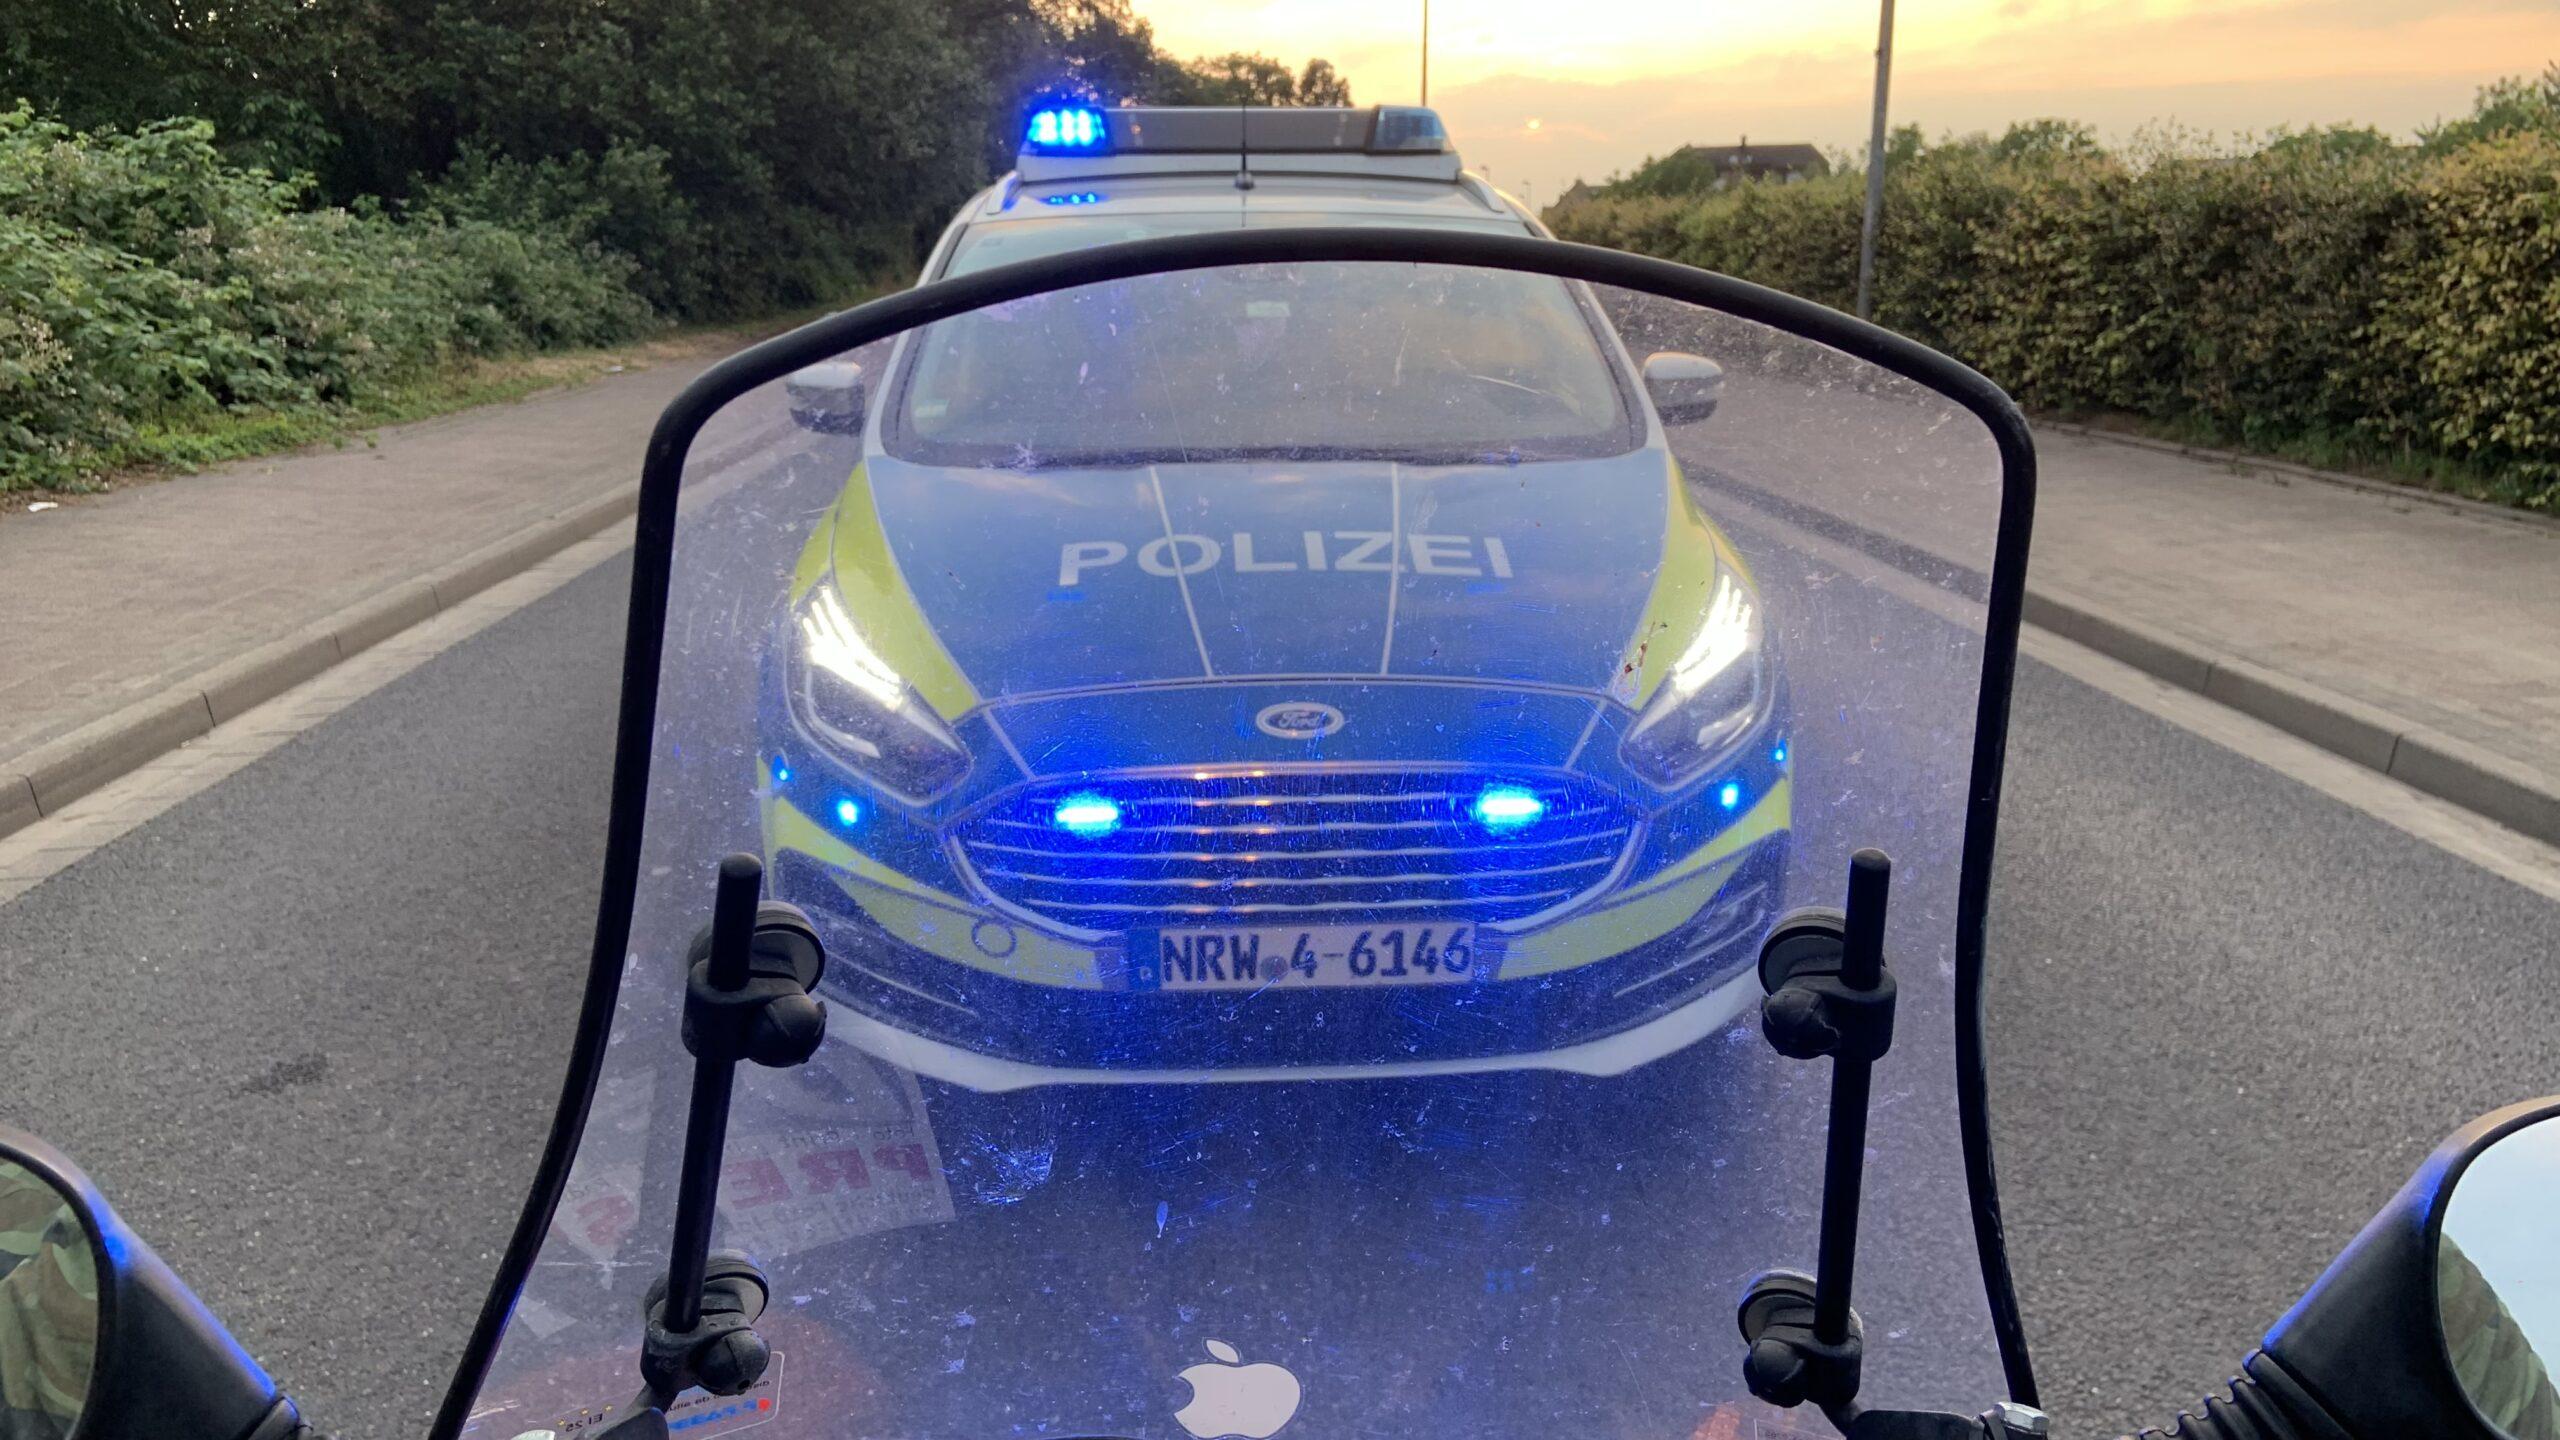 Roller / Polizei